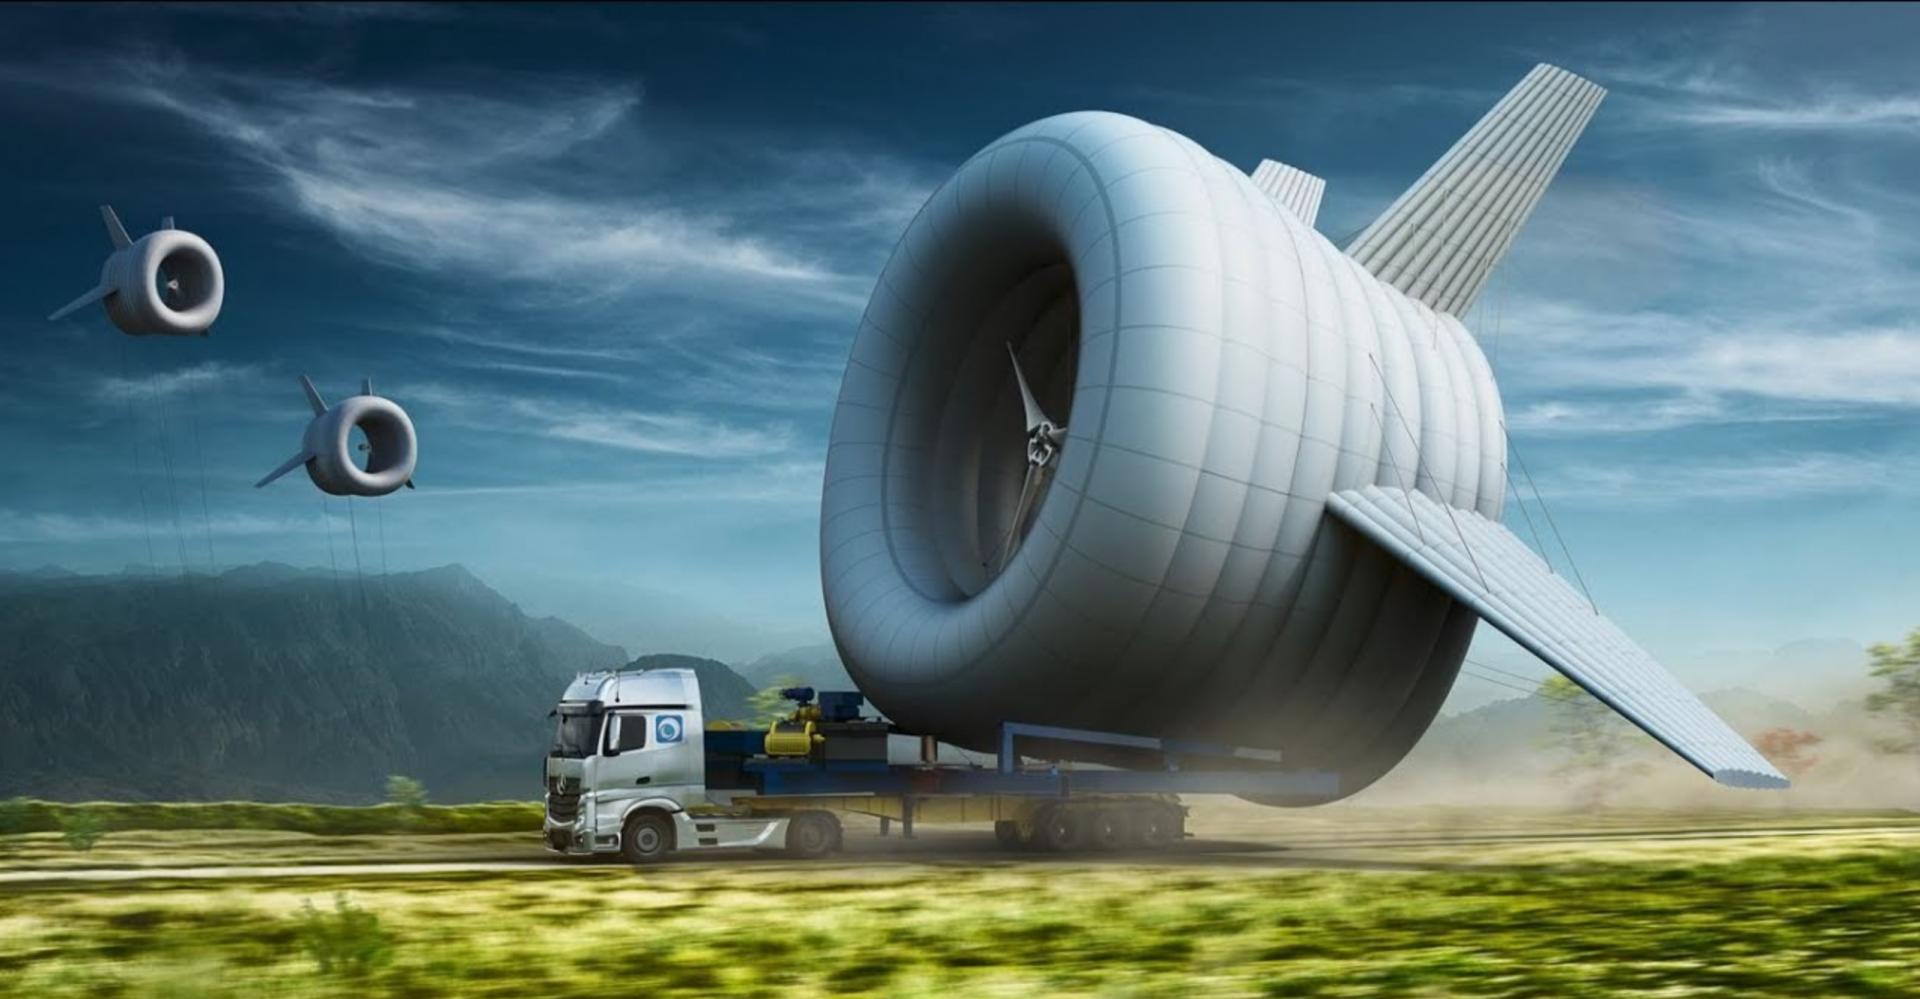 Aeronaves para Produção de Energia Eólica